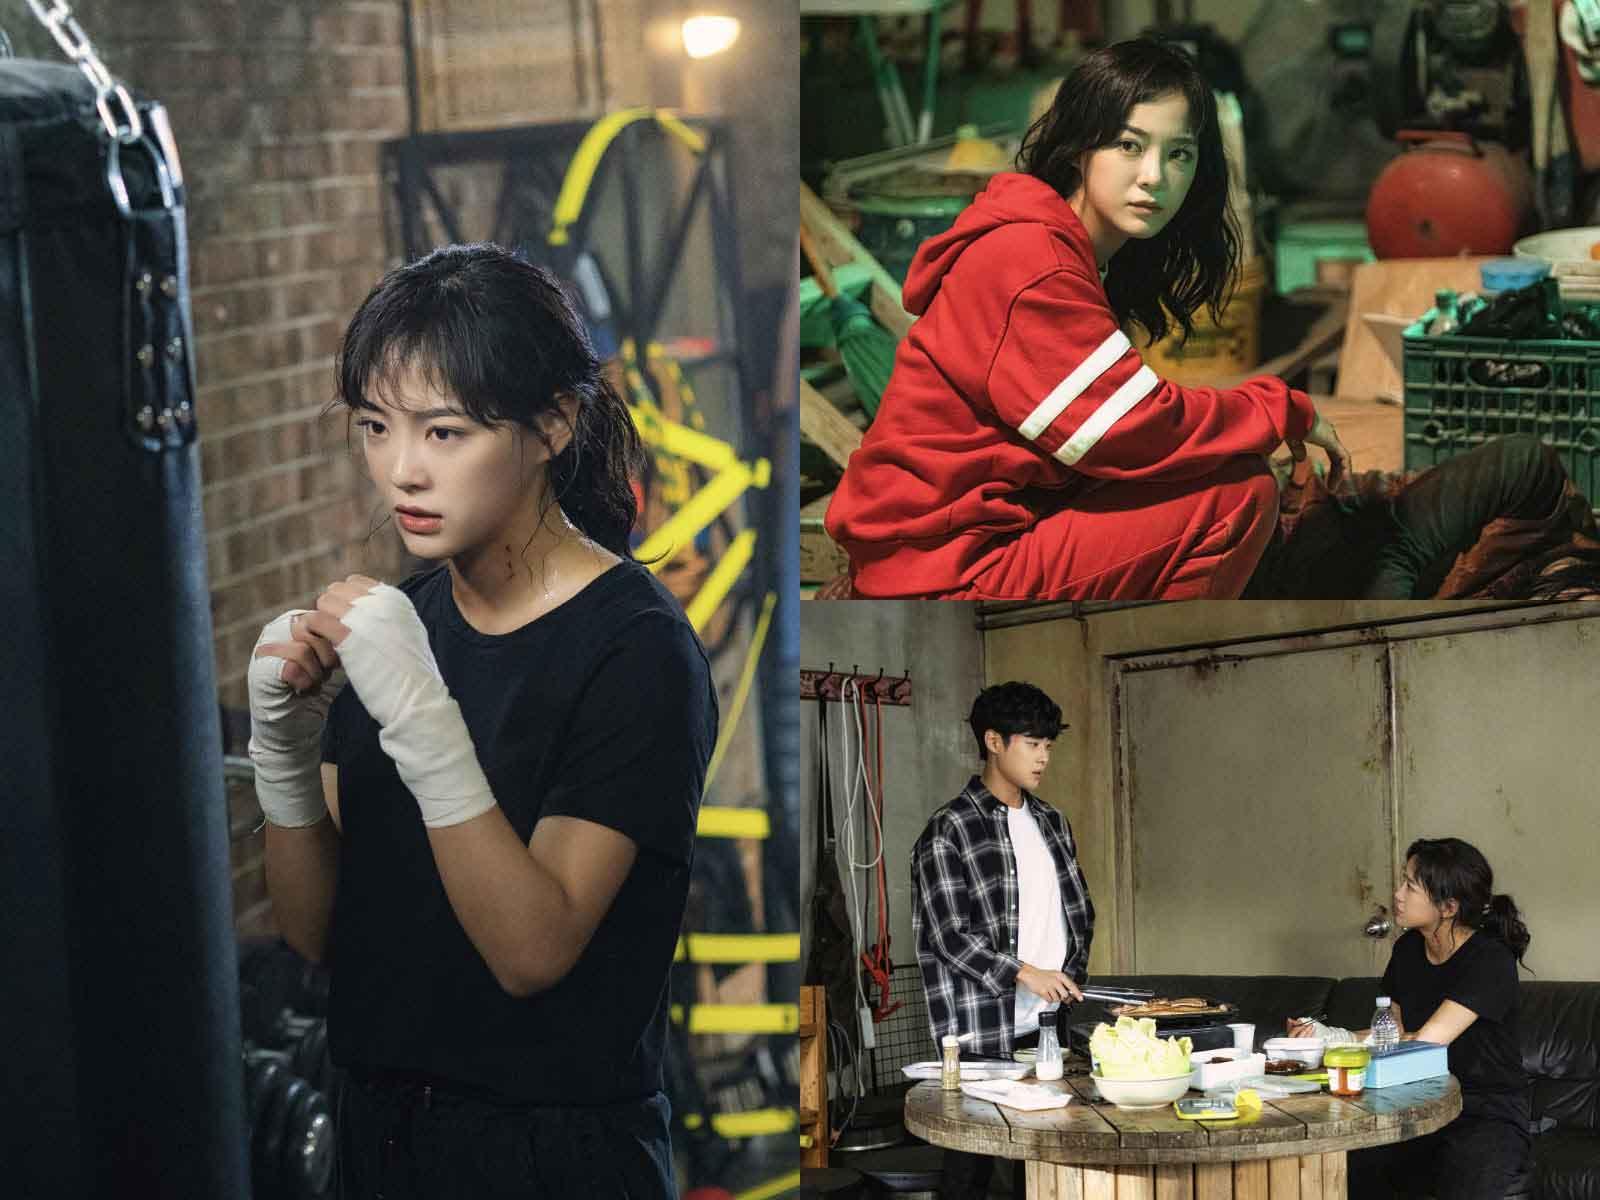 7 Film dan Drama Korea Pilihan Jelang Akhir Tahun, dari Cinta, Komedi, sampai Thriller